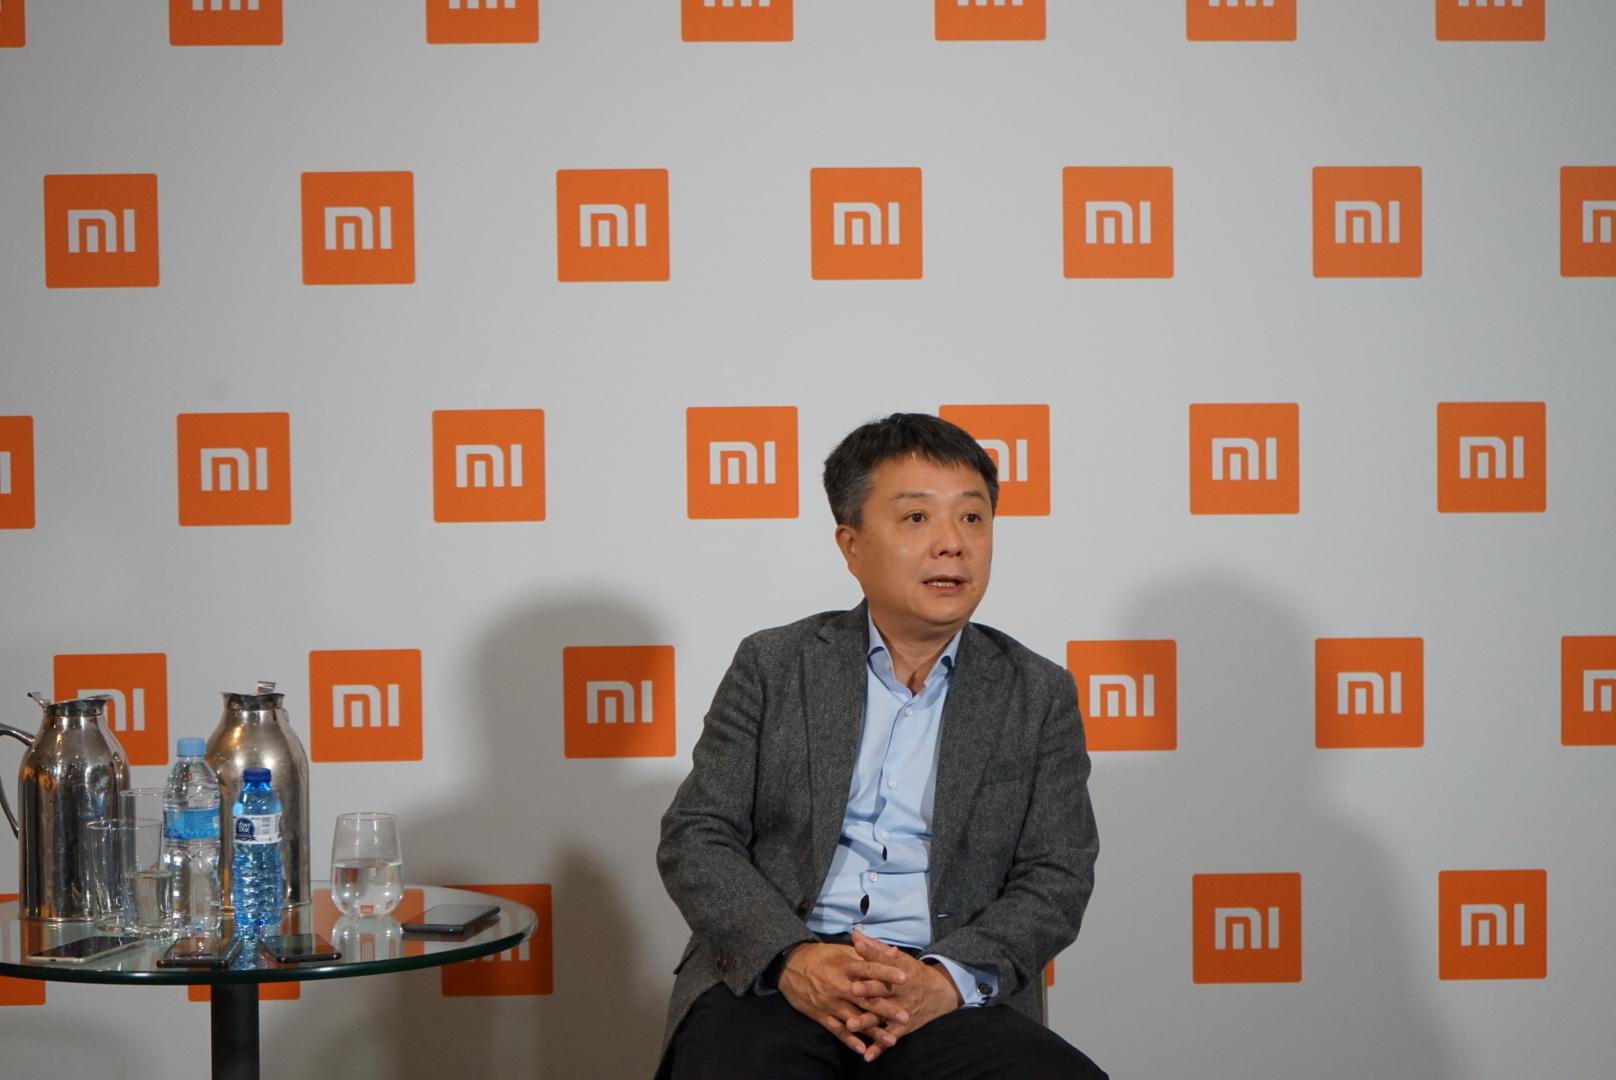 小米王翔:不要让专利问题成为发展障碍丨钛快讯